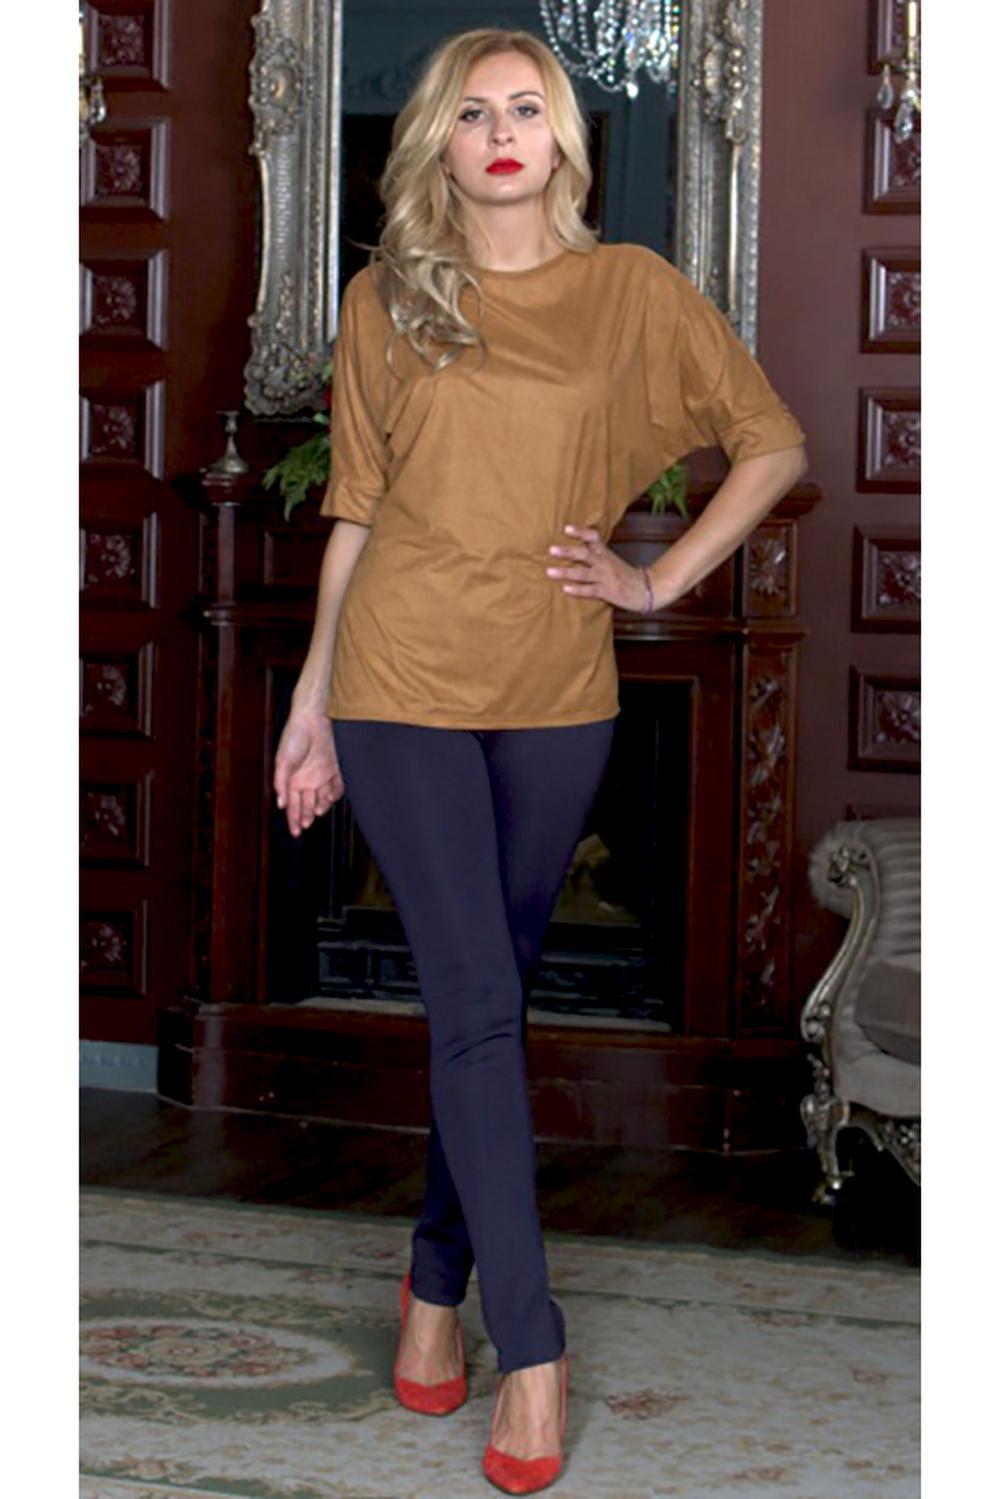 БрюкиБрюки<br>Плотно облегающие брюки из плотного трикотажного полотна с эластаном, по низу боковых швов - разрезы, пояс на резинке. Модель выгодно подчеркнет достоинства вашей фигуры.  Цвет: синий  Рост девушки-фотомодели 175 см<br><br>По материалу: Трикотаж<br>По рисунку: Однотонные<br>По силуэту: Приталенные<br>По стилю: Повседневный стиль<br>По форме: Зауженные<br>По элементам: С резинкой<br>По сезону: Осень,Весна<br>Размер : 46,48,50,54<br>Материал: Трикотаж<br>Количество в наличии: 4